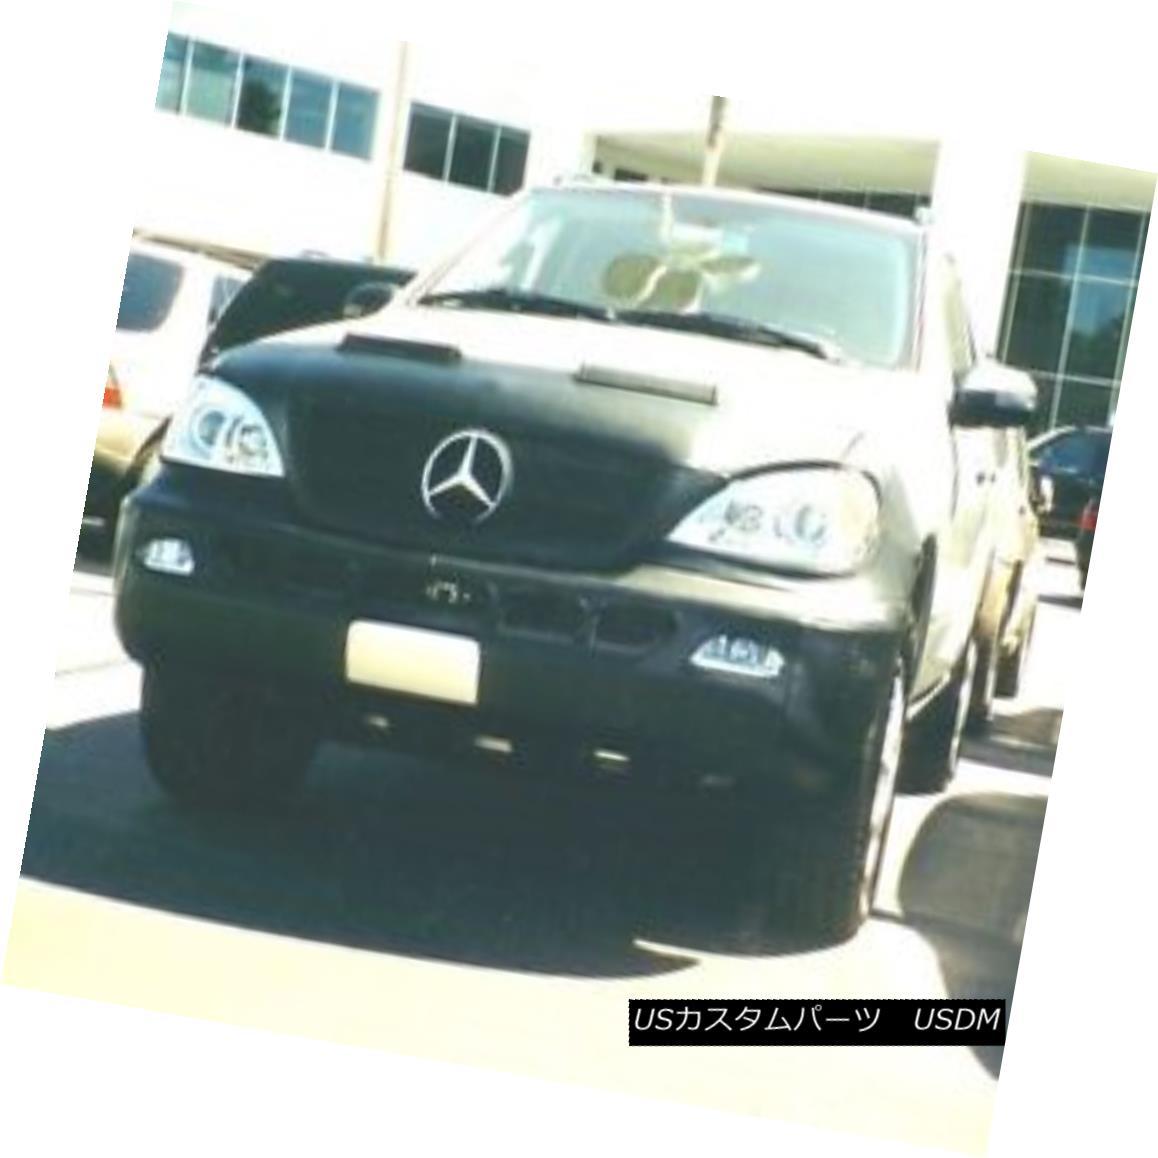 フルブラ ノーズブラ Colgan Front End Mask Bra 2pc. Fits Mercedes-Benz ML320 W/Lic.Plate 02 03 W/HW コルガンフロントエンドマスクブラ2pc メルセデスベンツML320 W / Lic.Plate 02 03 W / HWに適合